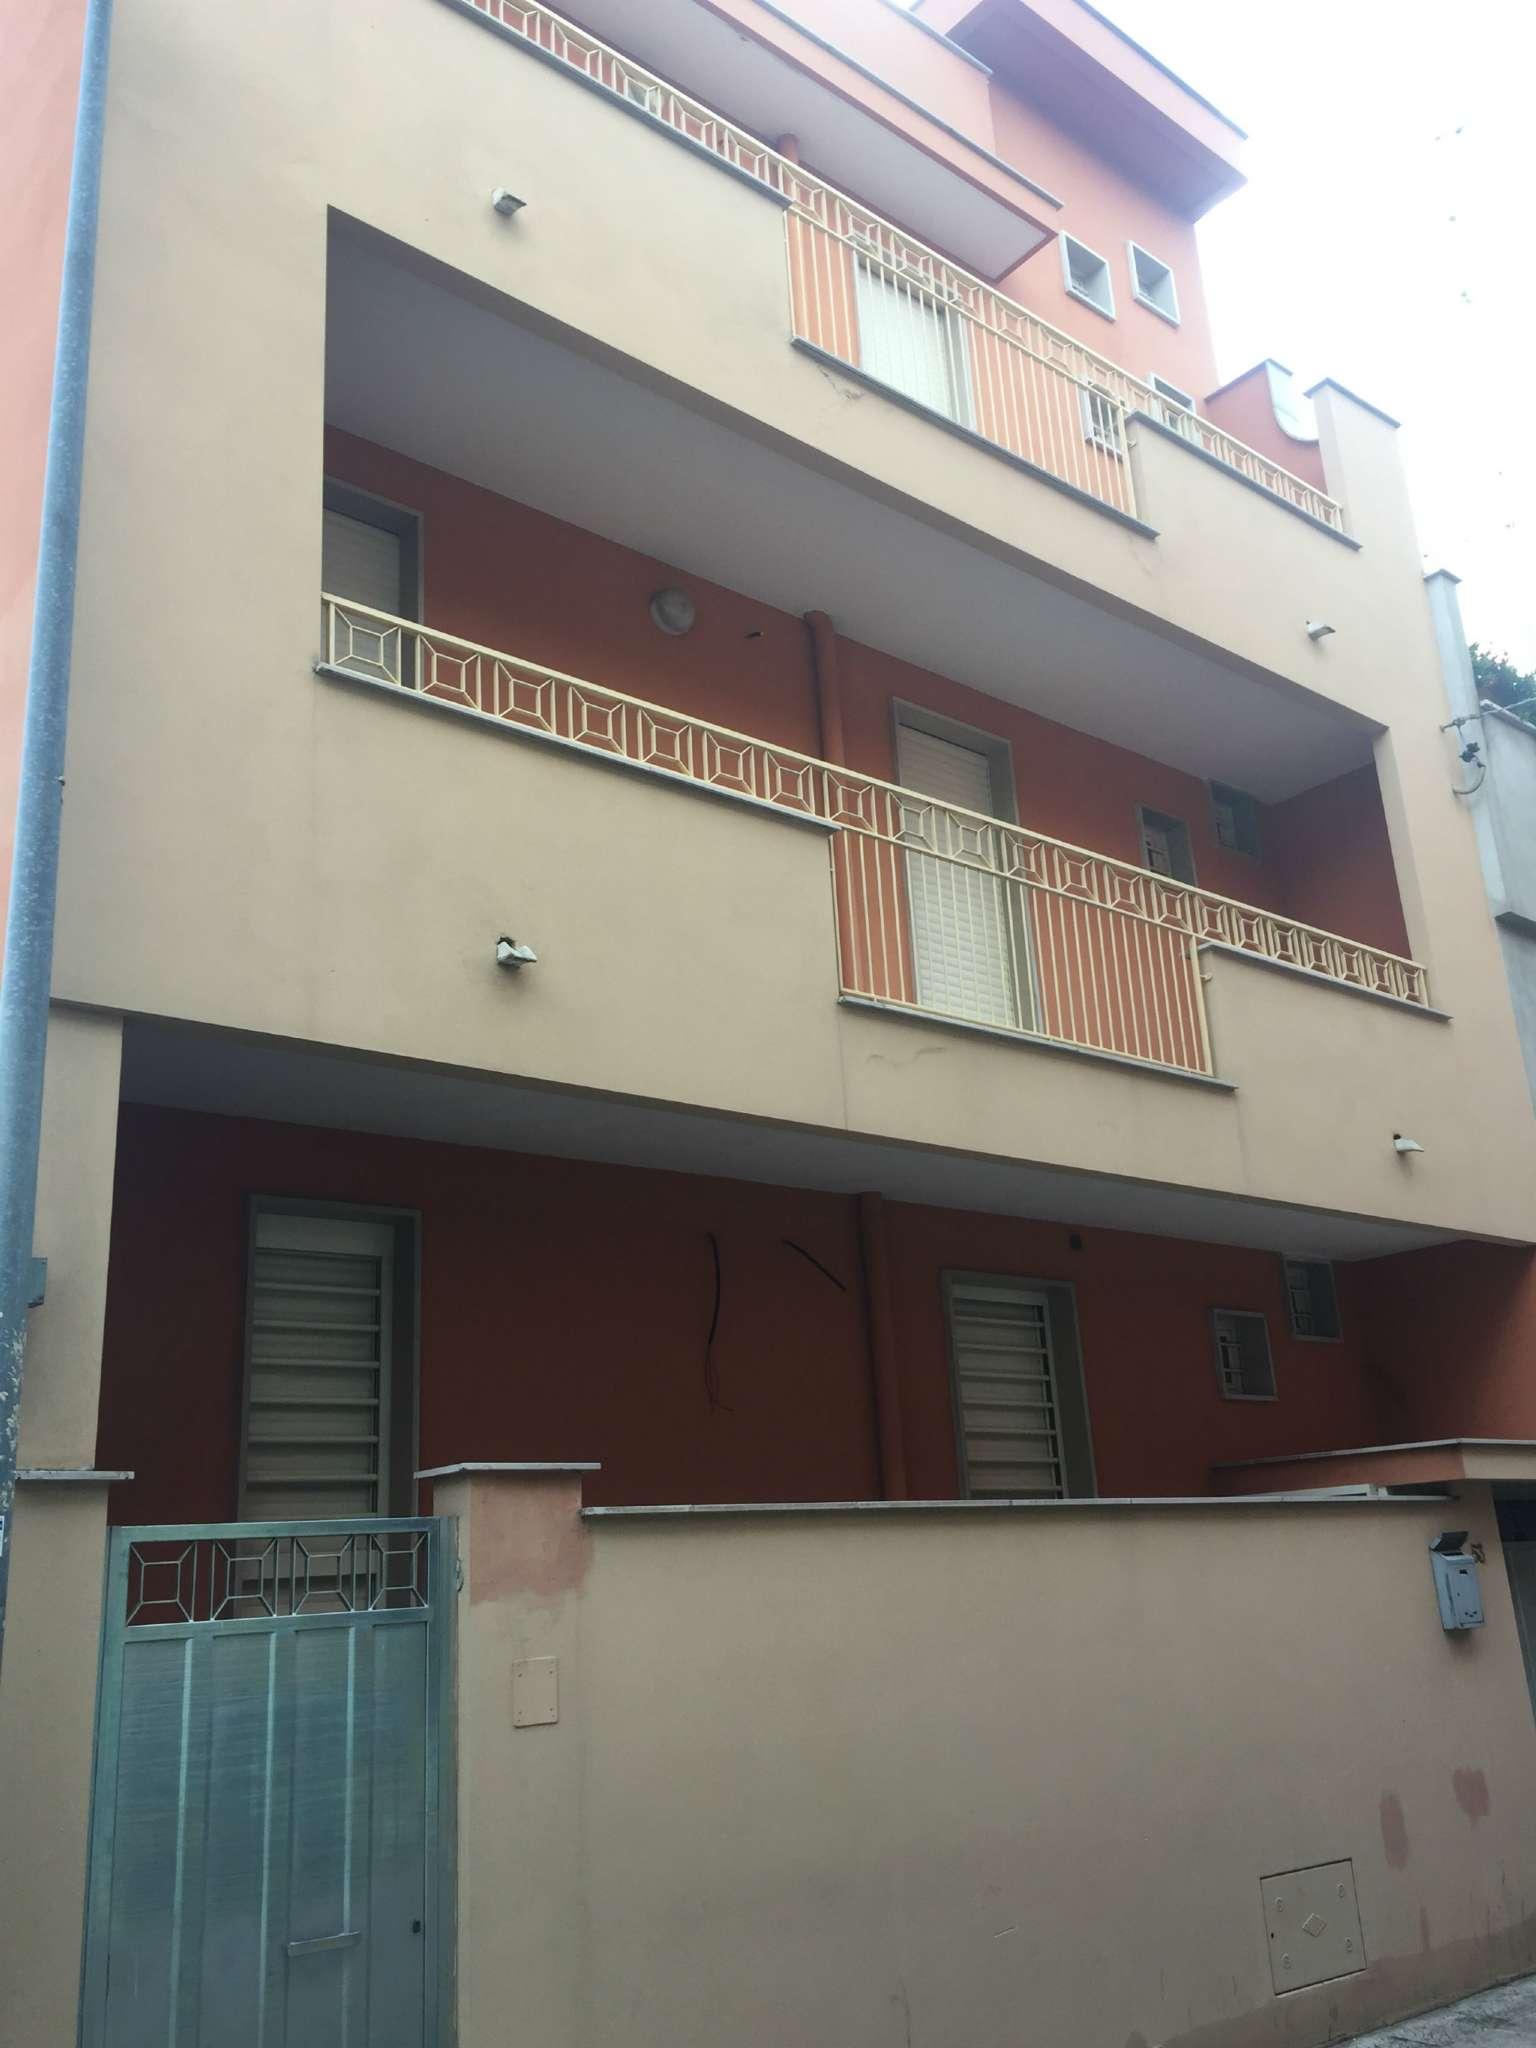 Soluzione Indipendente in vendita a Modugno, 4 locali, Trattative riservate | Cambio Casa.it